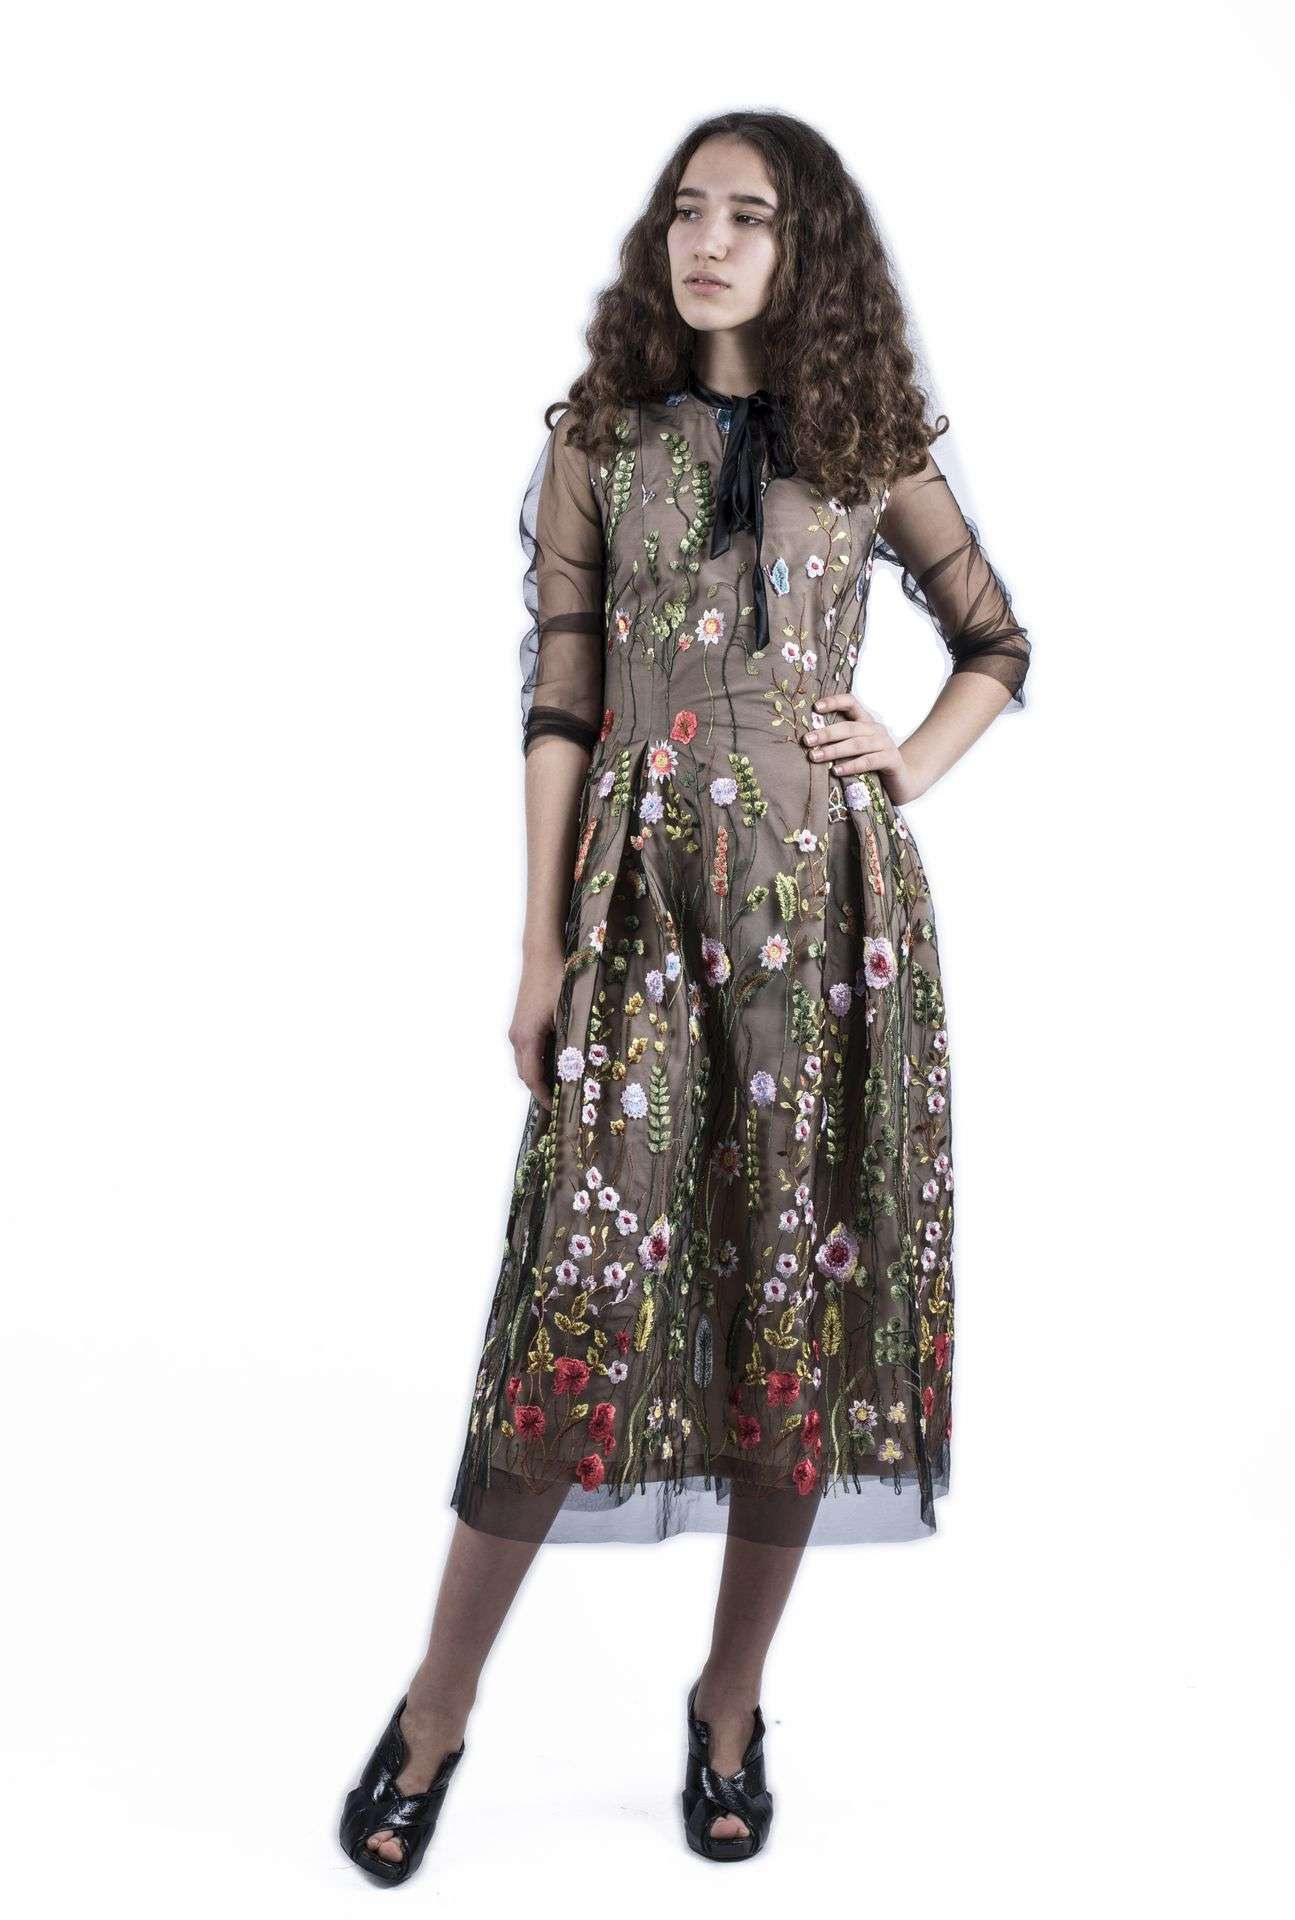 Abend Einfach Kleid Für Abend Stylish20 Top Kleid Für Abend Bester Preis